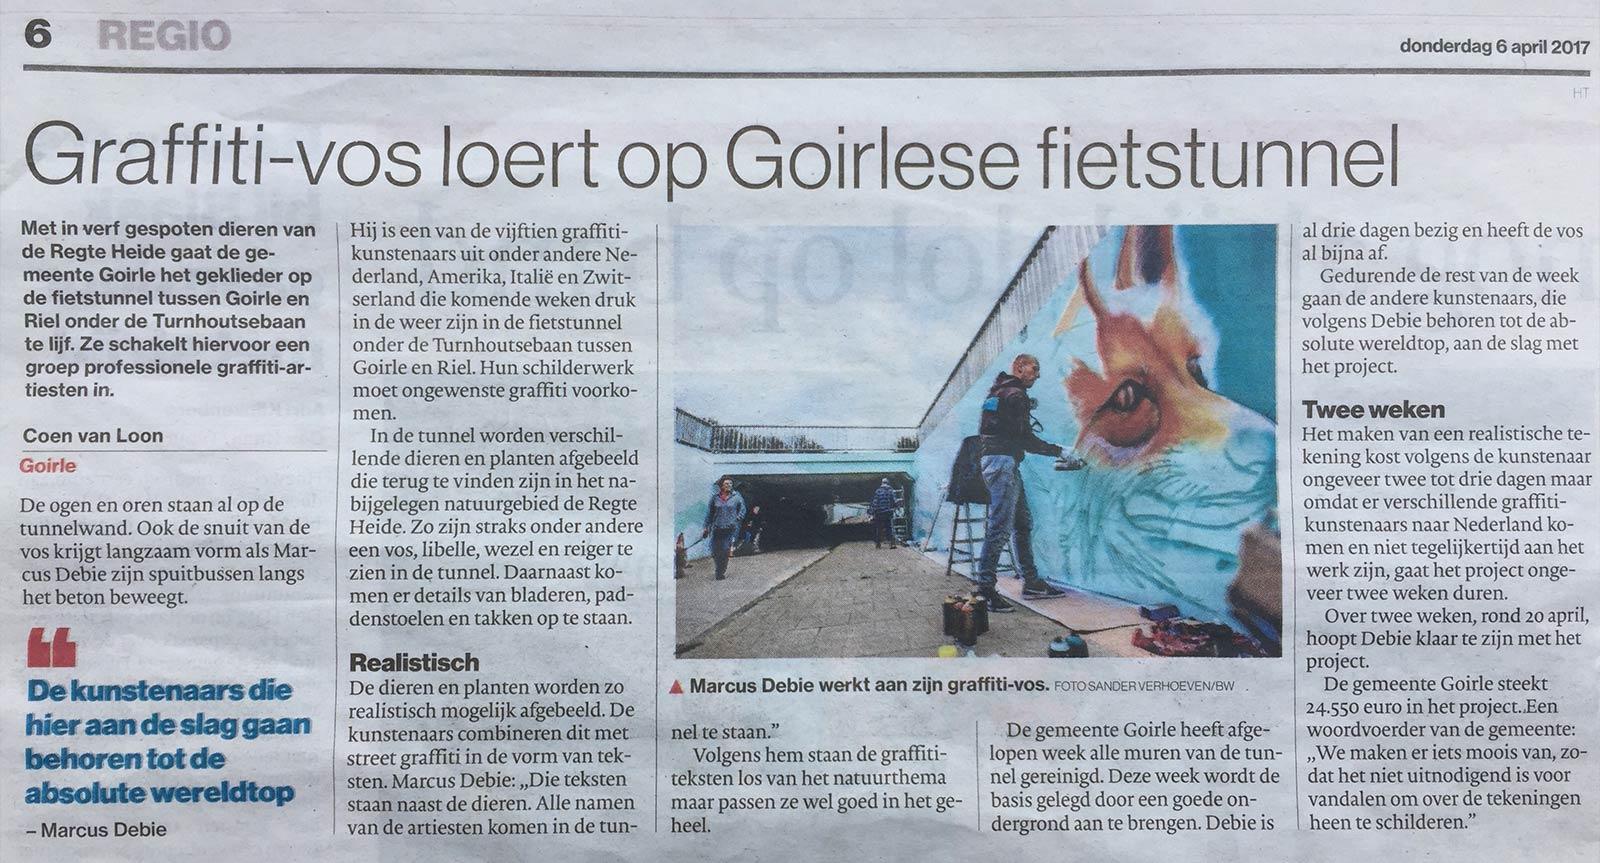 Graffiti-vos loert op Goirlese fietstunnel